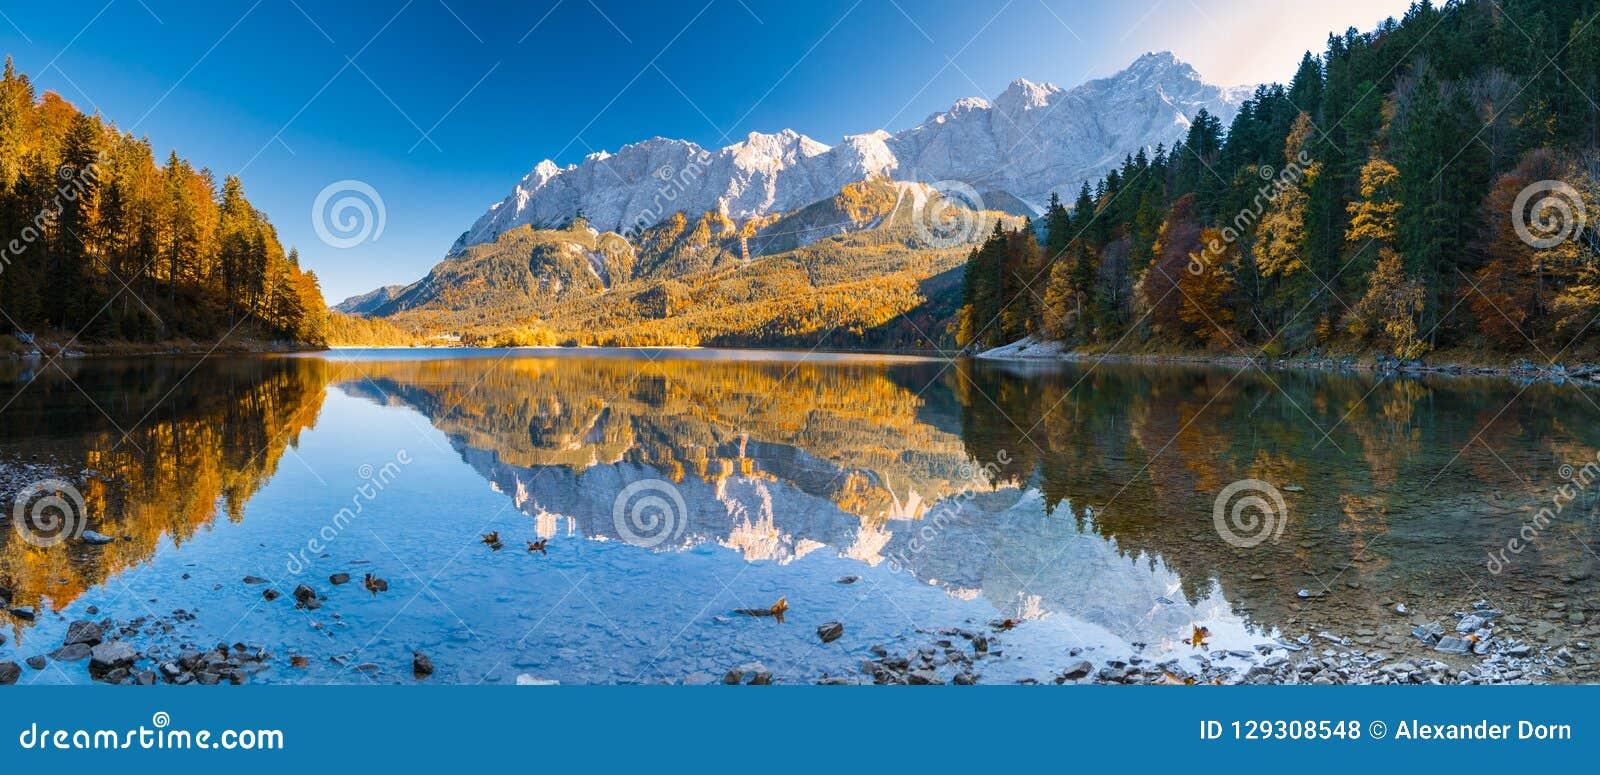 Panorama-Bild von Eibsee während des Herbstes mit dem Zudspitze in den Hintergrund- und Wasserreflexionen